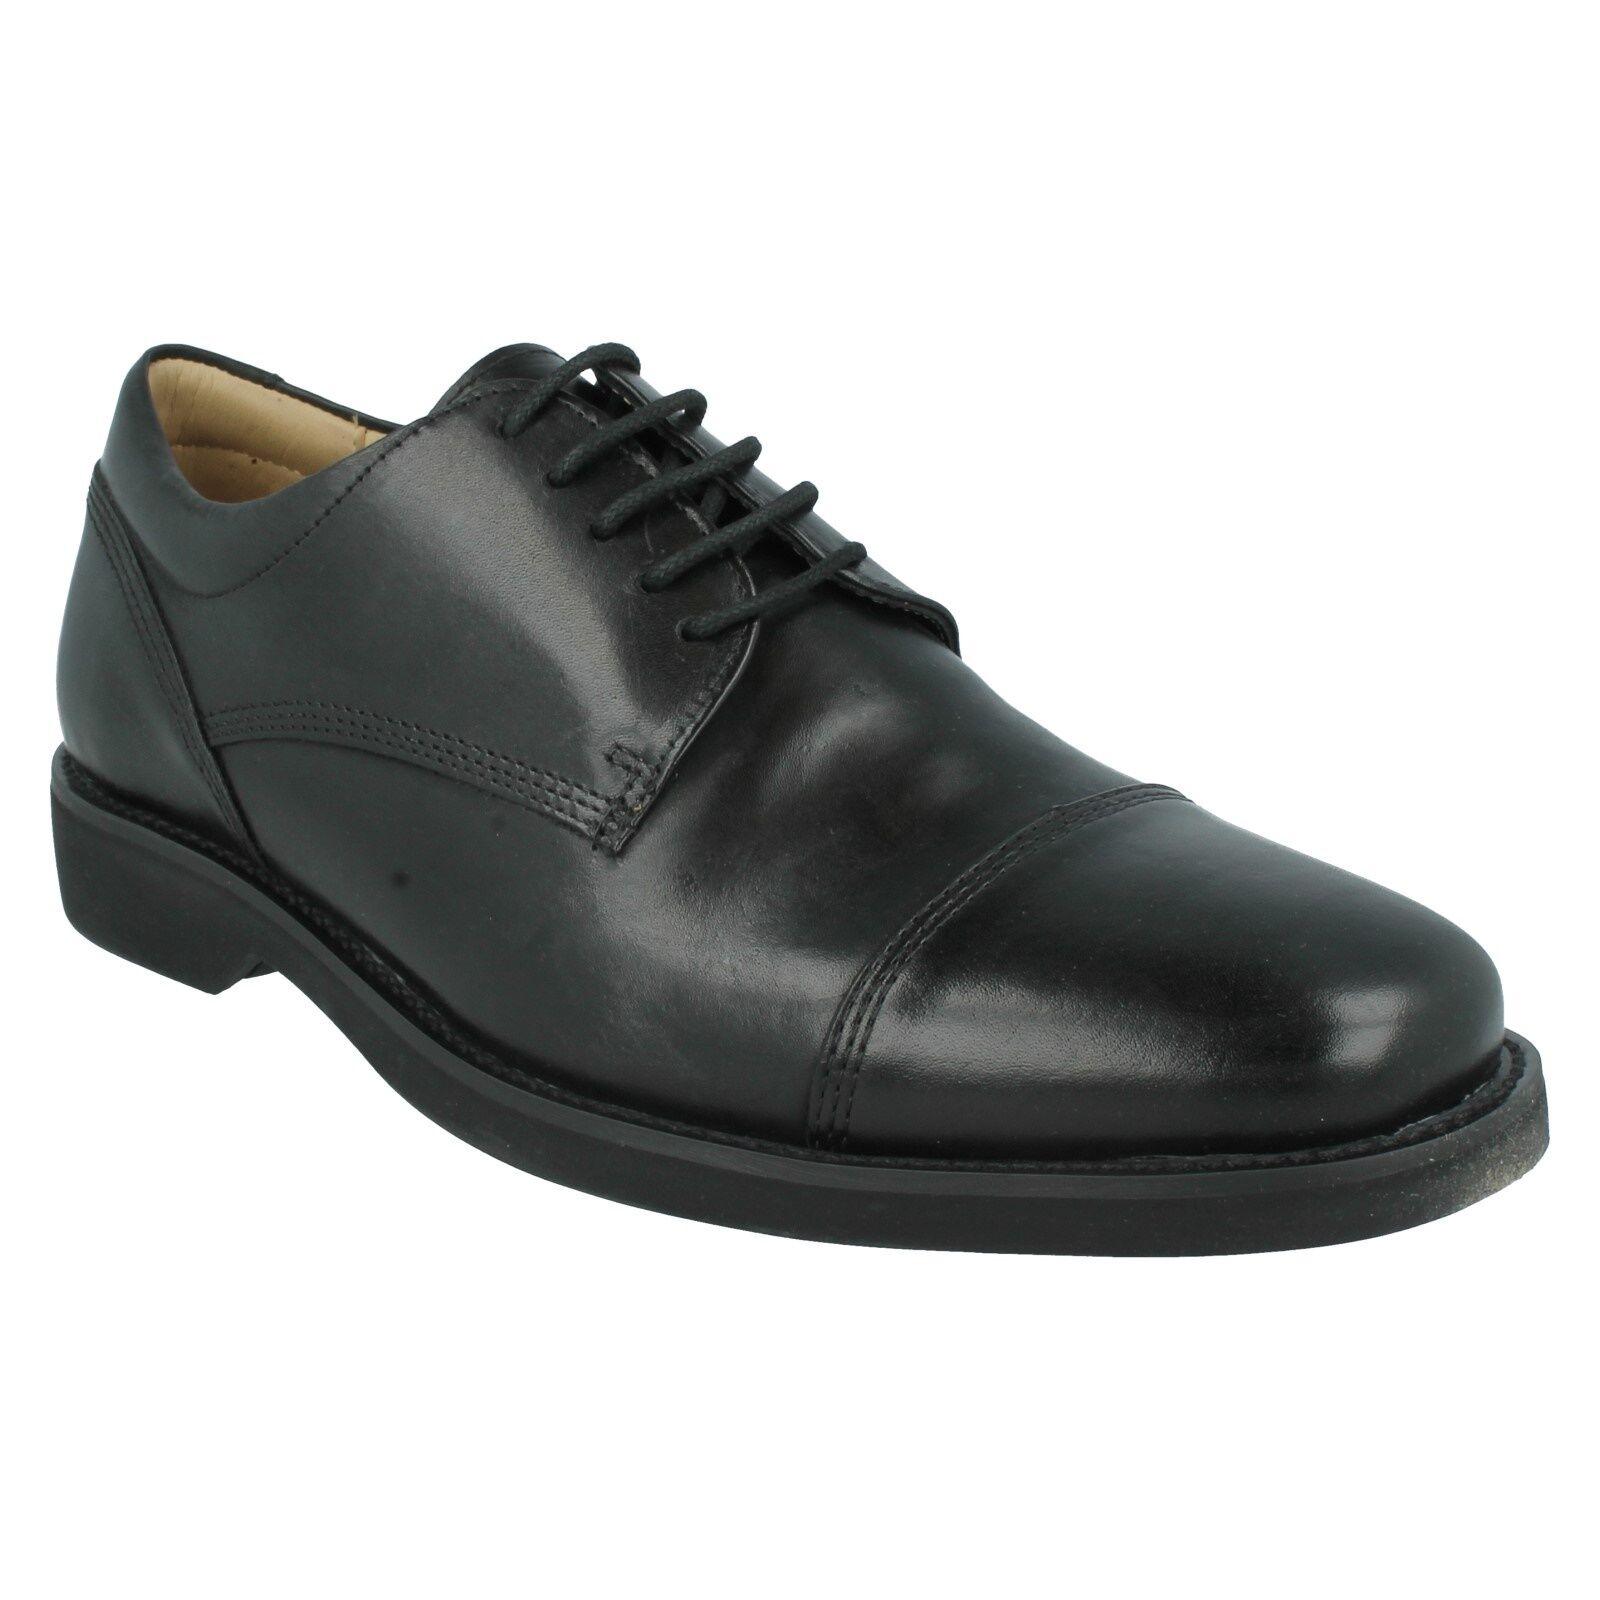 Gran descuento Para Hombre Anatomic & Co Abatia Formal Cuero Con Cordones Plantilla Gel Negro Zapatos De Trabajo